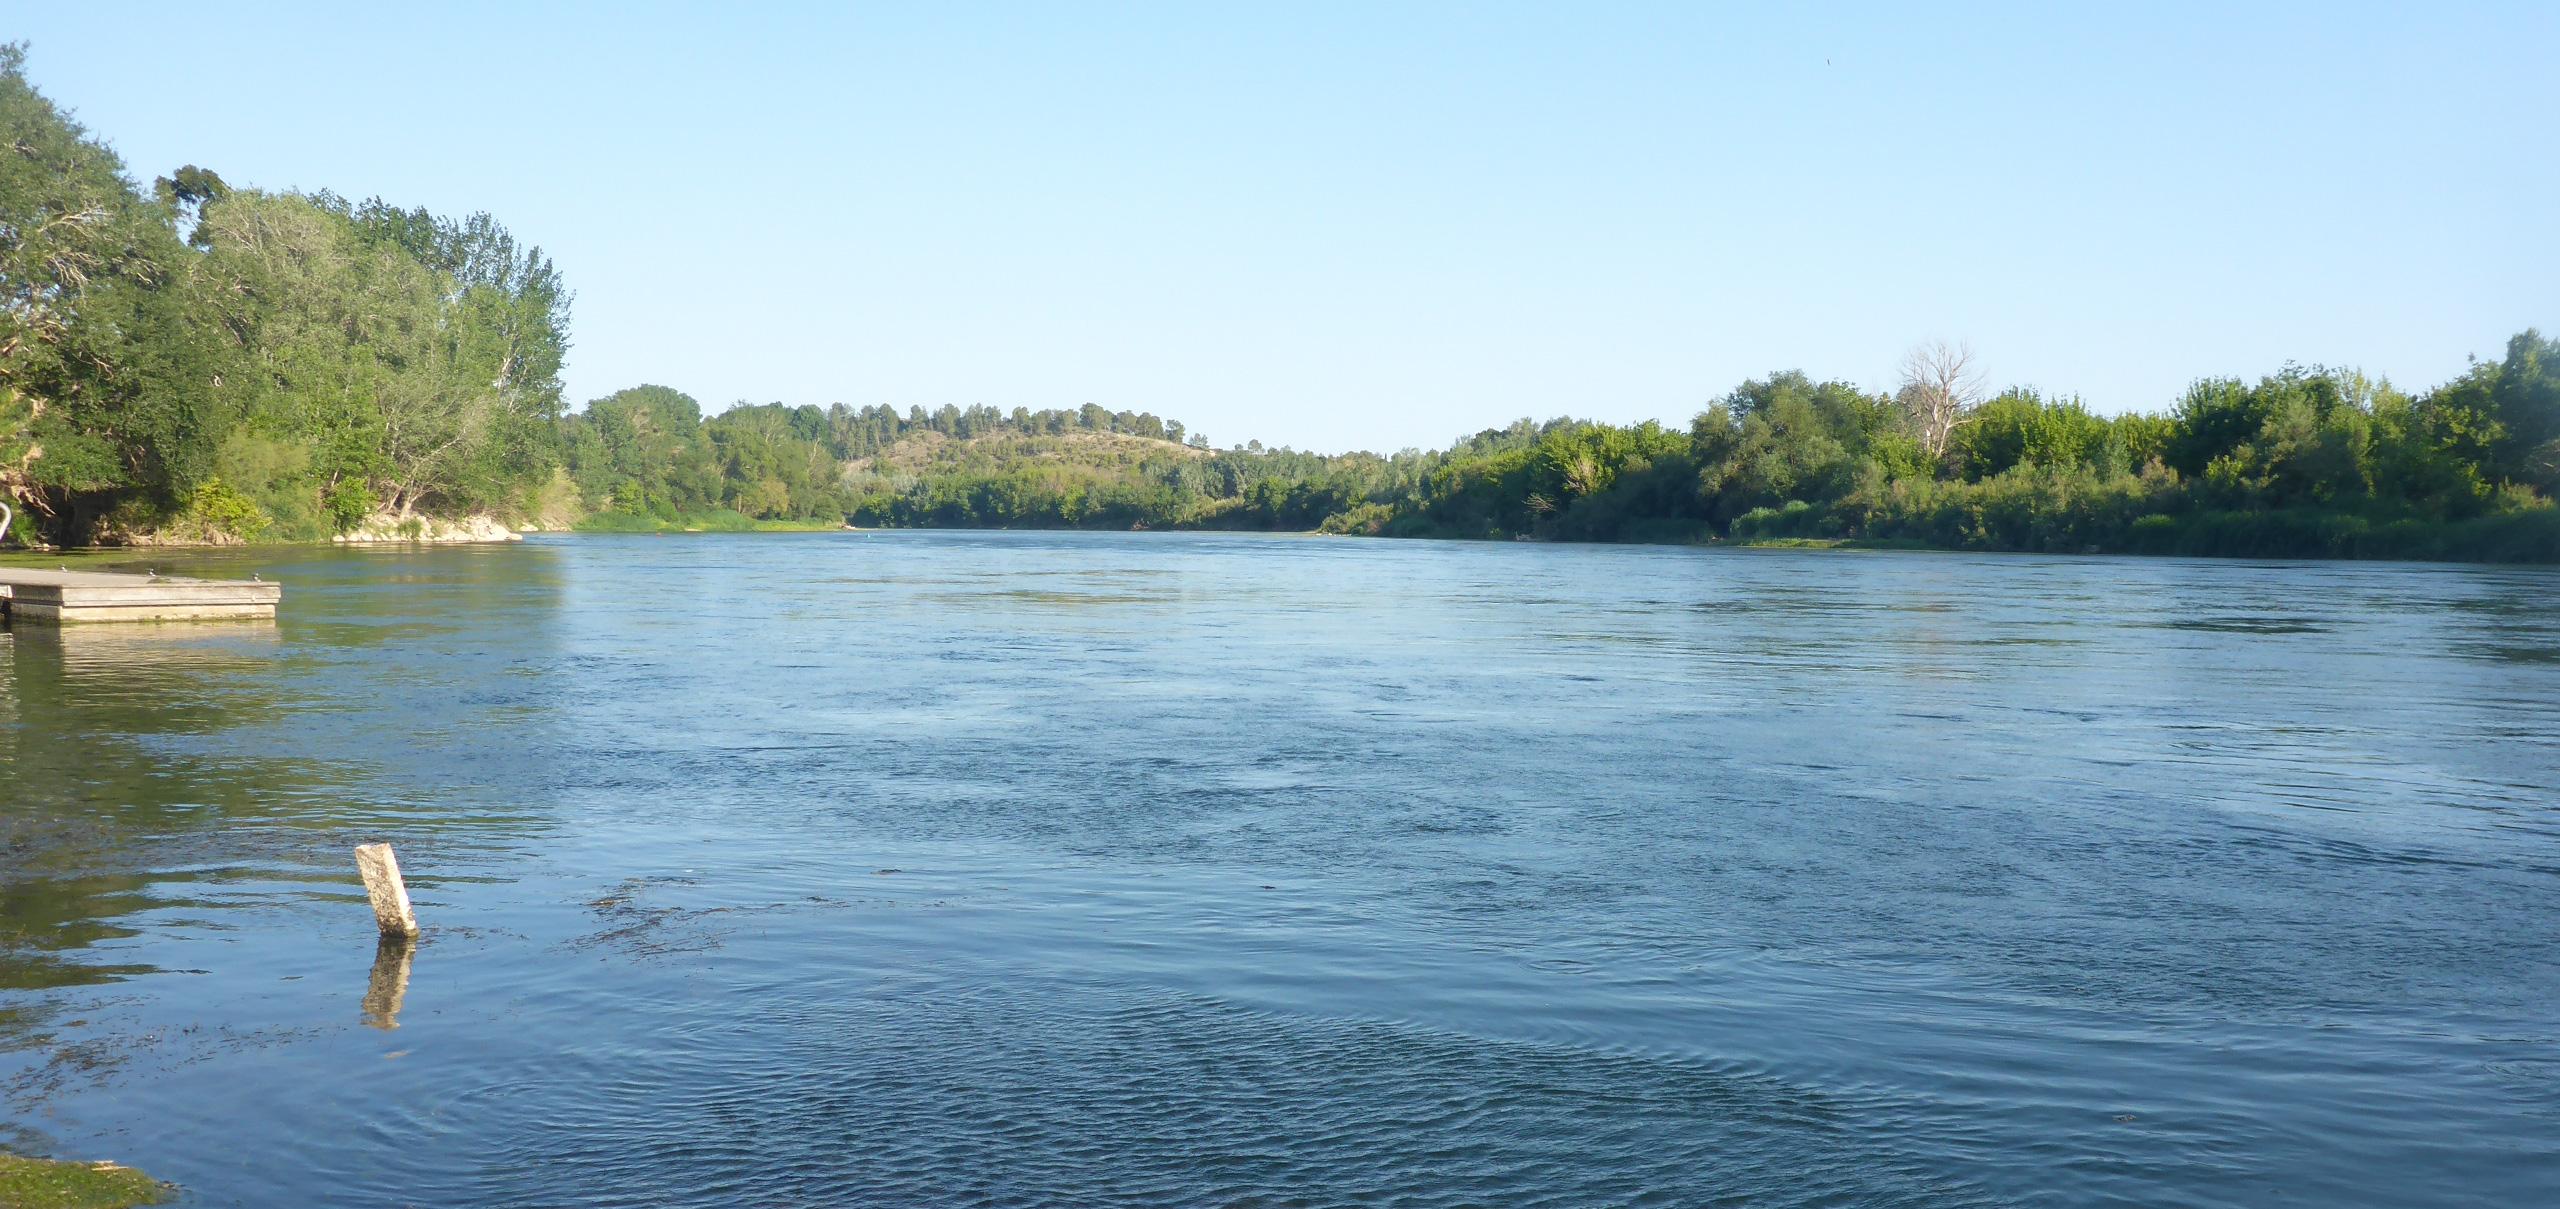 Río Ebro a su paso por Miravet (Tarragona). Ecosistema ocupado por la almeja asiática.